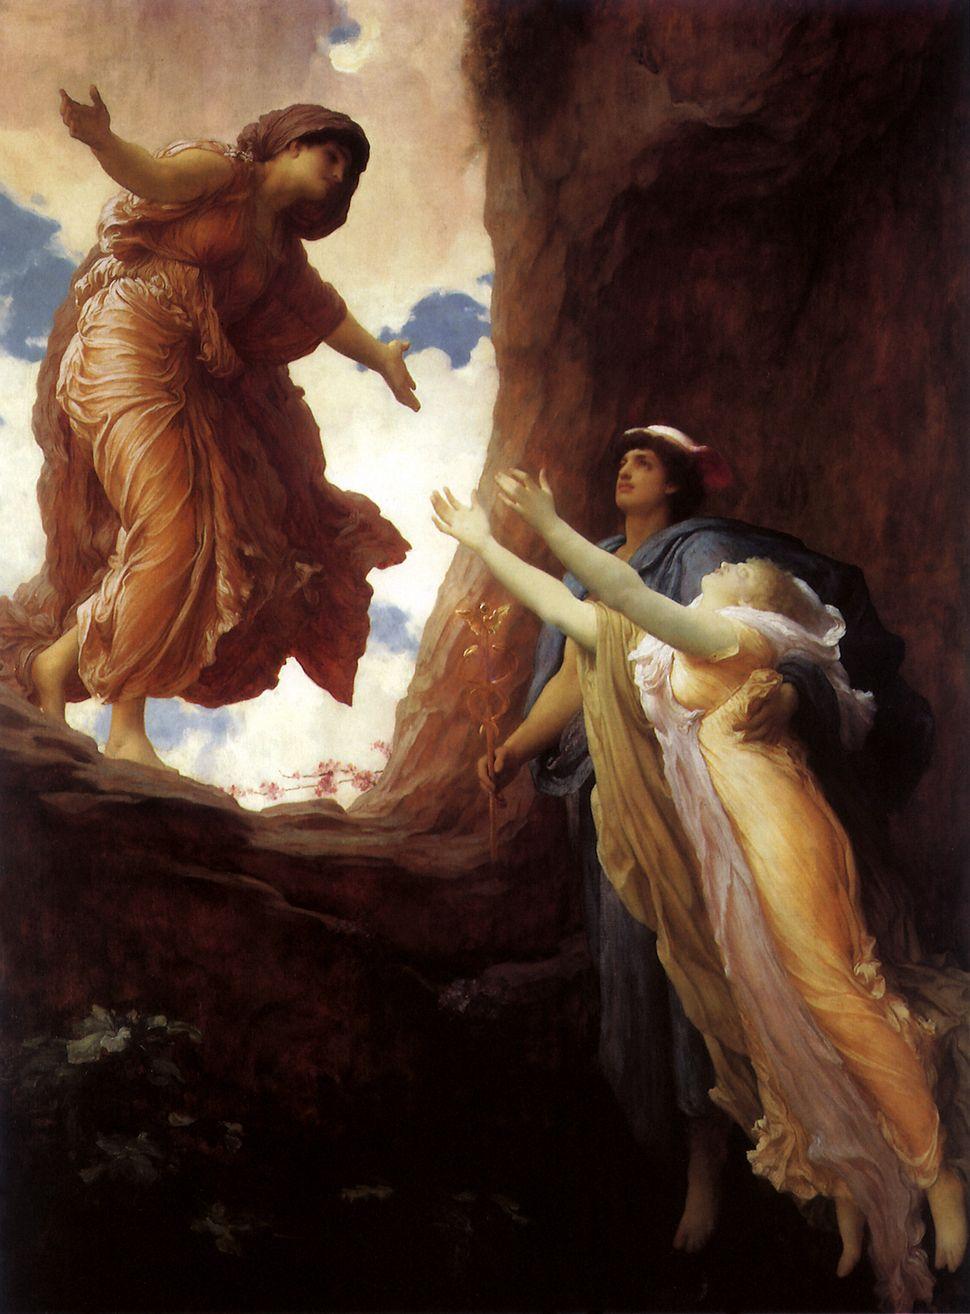 Η επιστροφή της Περσεφόνης, Leighton, Frederic, 1891 . (Photo by: Picturenow/Universal Images Group via Getty Images)